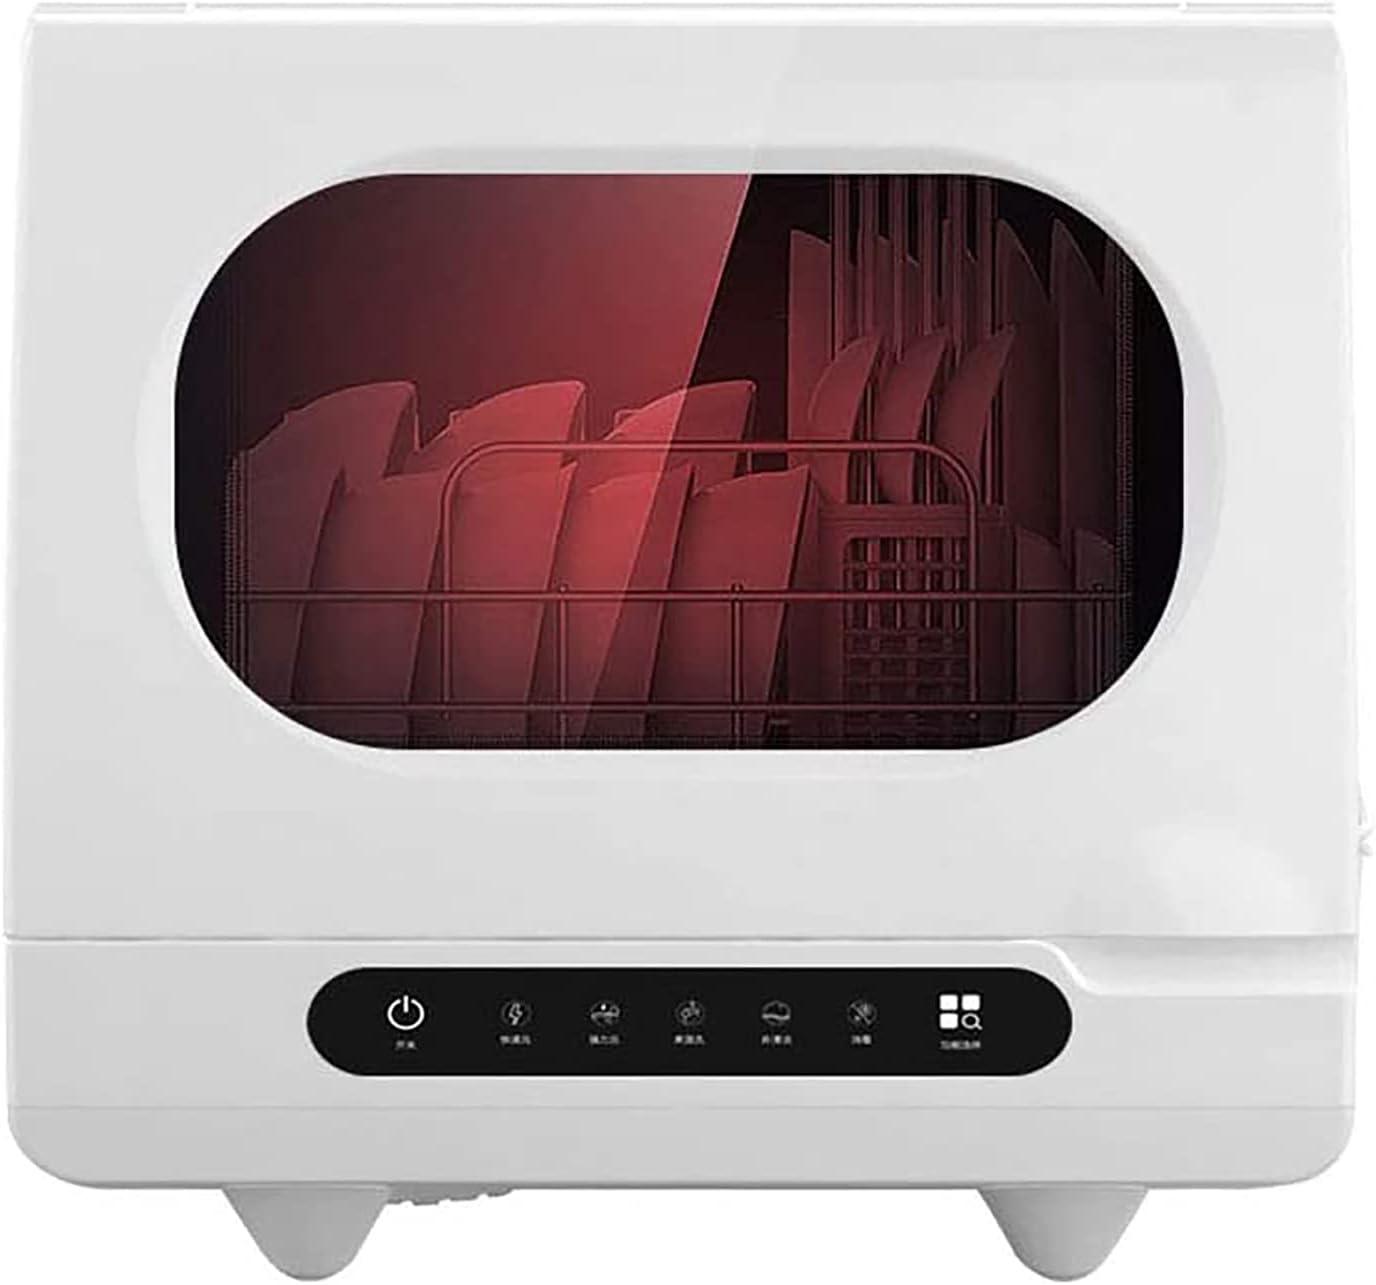 Gaone Lavavajillas De Sobremesa Portátil Automático Mini Lavavajillas De Encimera Sin Instalación Doméstica Lavado Y Secado De Platos con Rociador Giratorio 360 ° Azimutal para 4-6 Personas